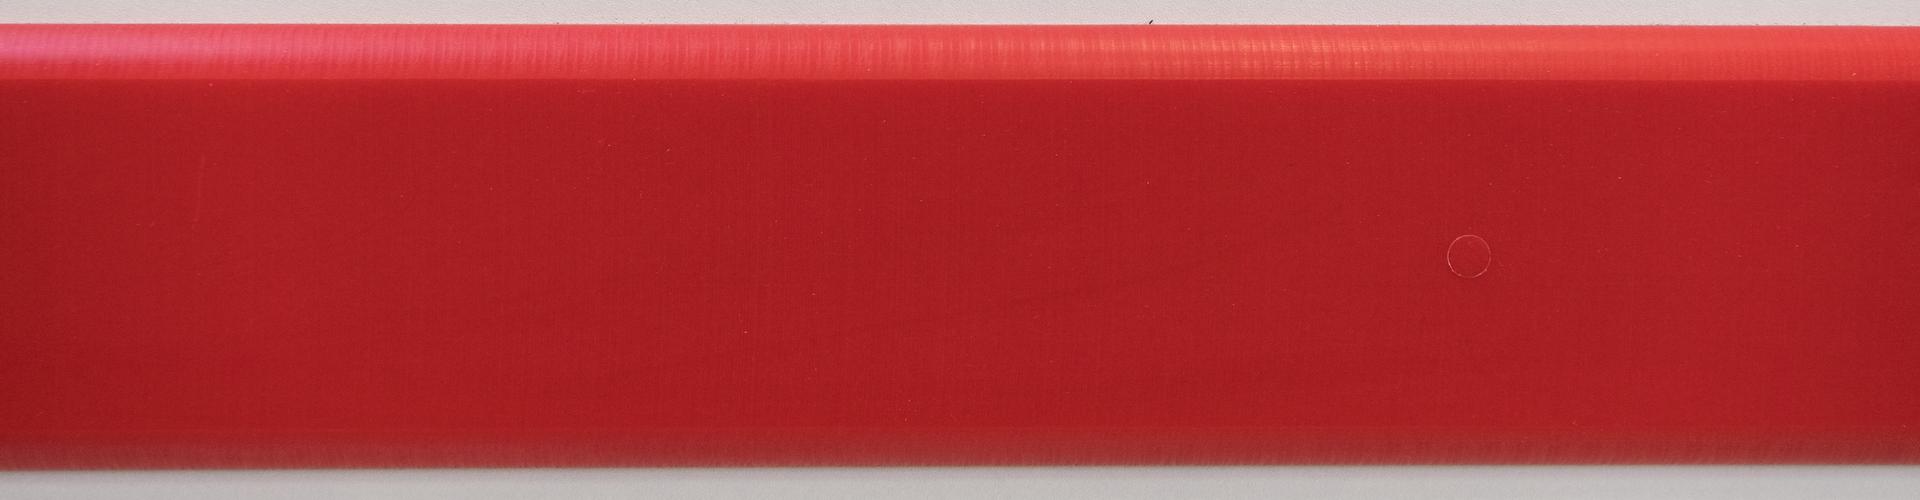 plinthe murale antichocs rouge en polyéthylène SPENLE